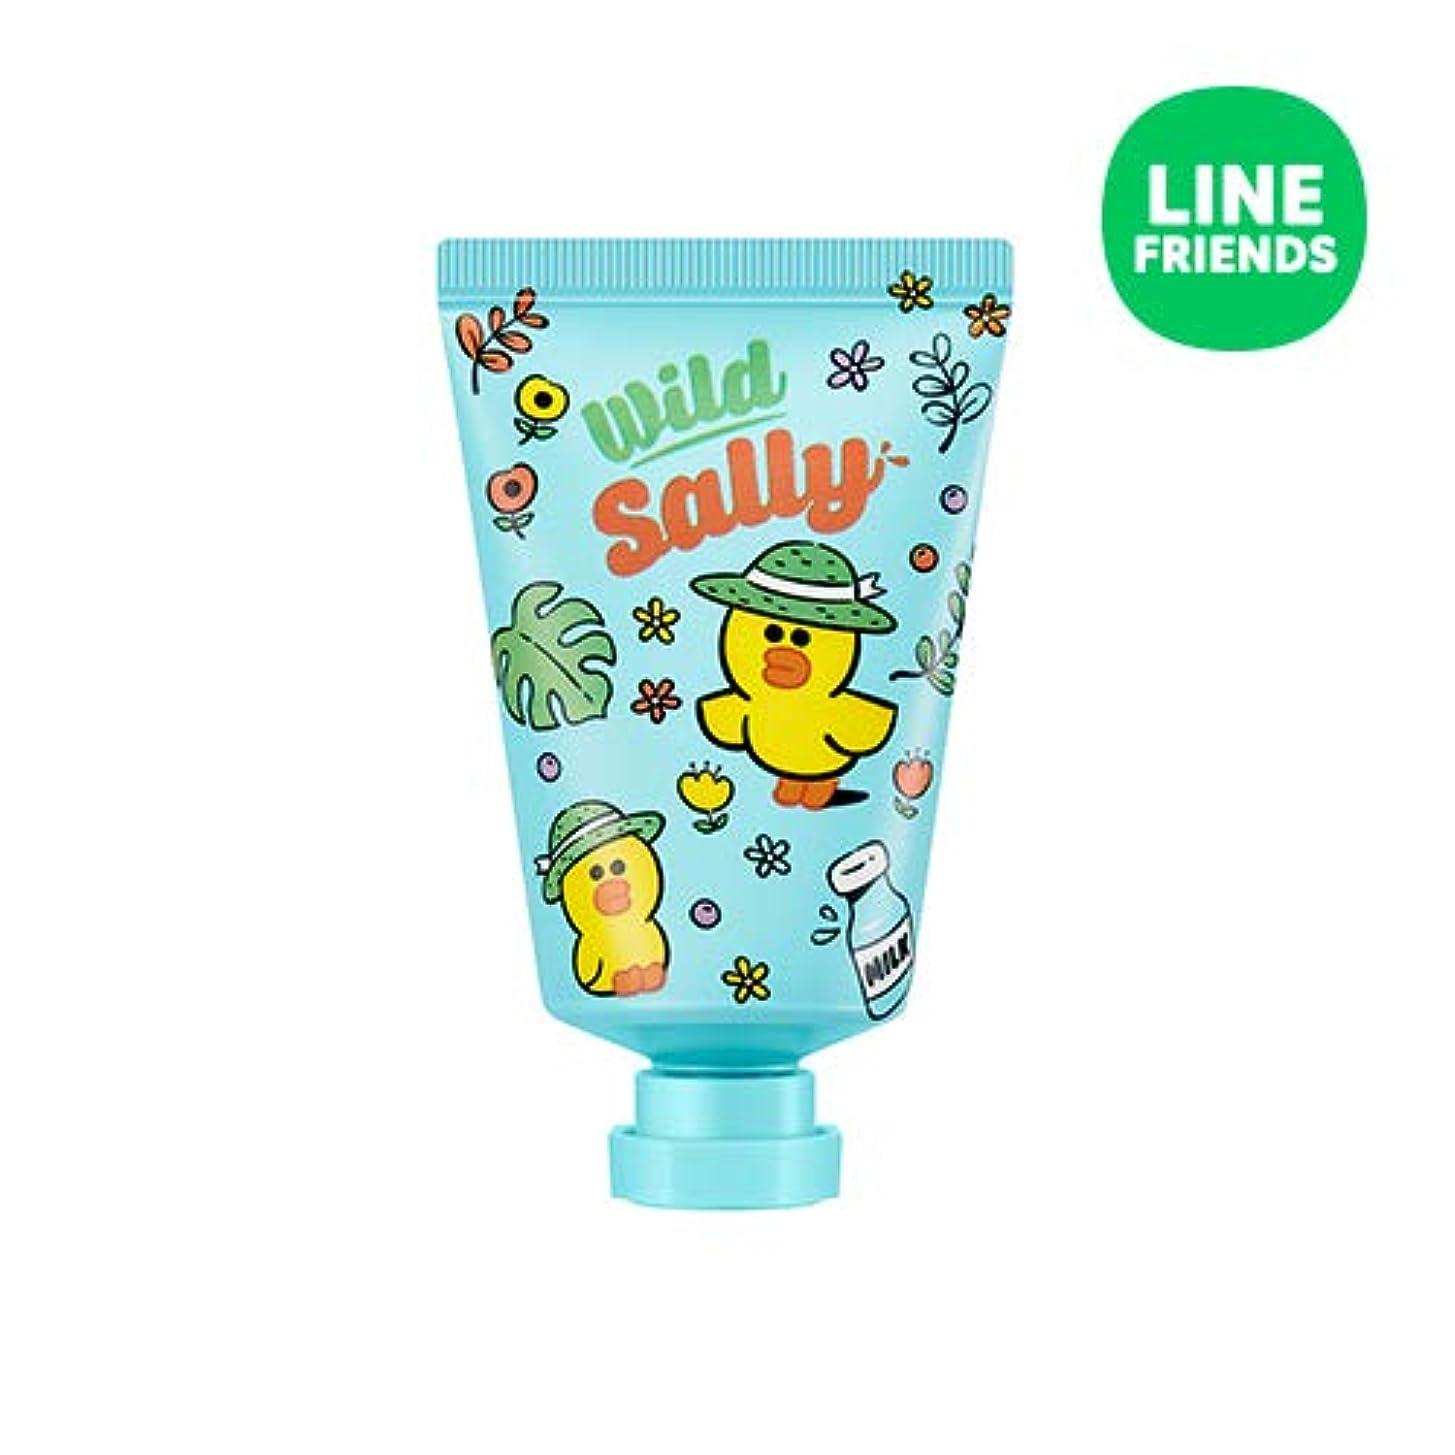 エレクトロニック経済的スカープミシャ(ラインフレンズ)ラブシークレットハンドクリーム 30ml MISSHA [Line Friends Edition] Love Secret Hand Cream - Sally # Cotton White [...